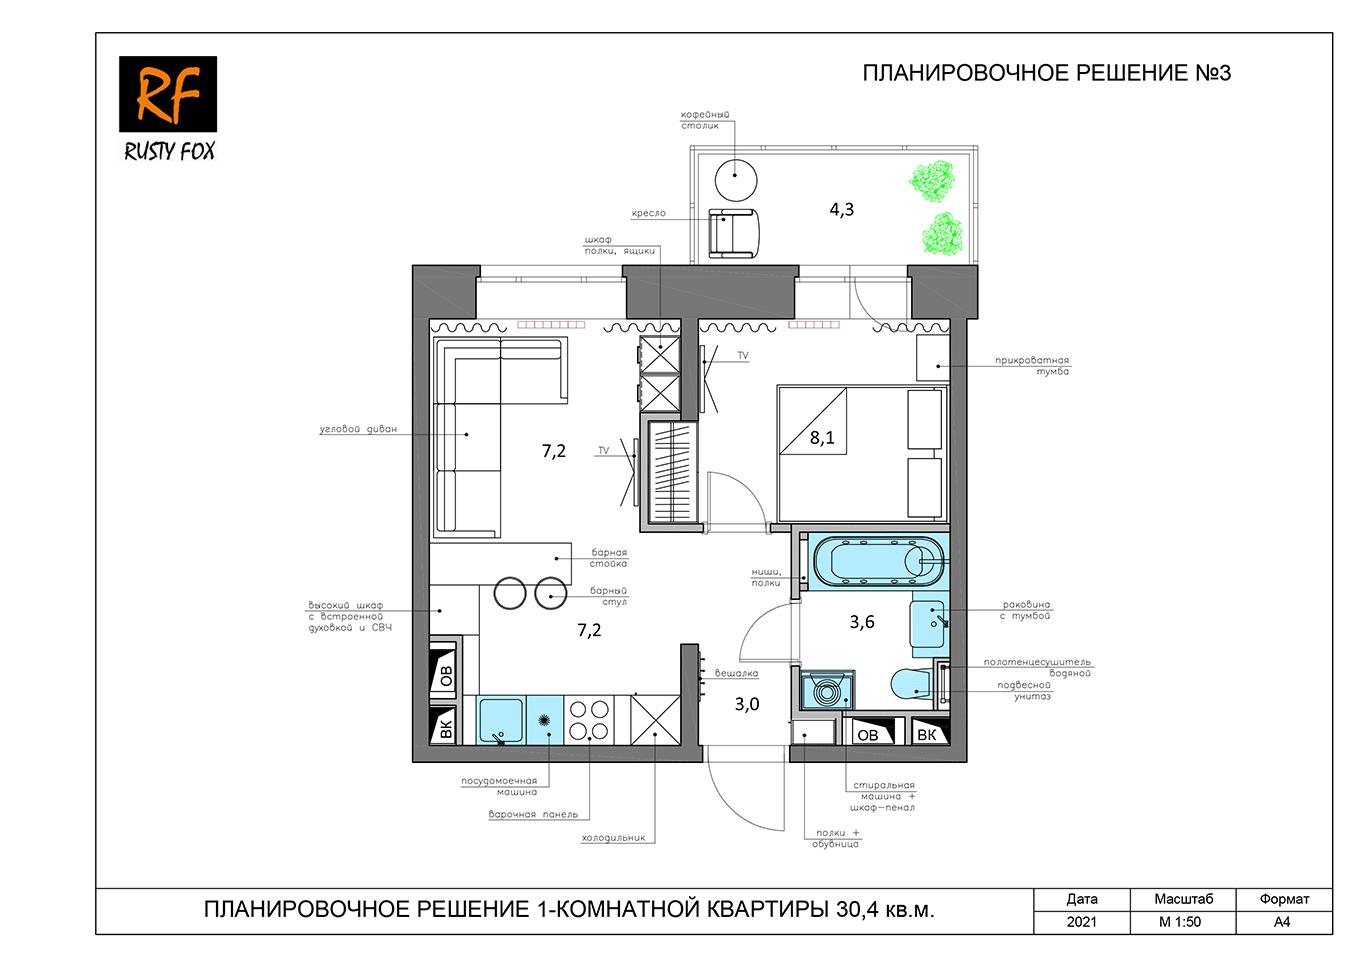 ЖК Люберцы корпус 52, секция 1. Планировочное решение №3 1-комнотной квартира 30,4 кв.м.